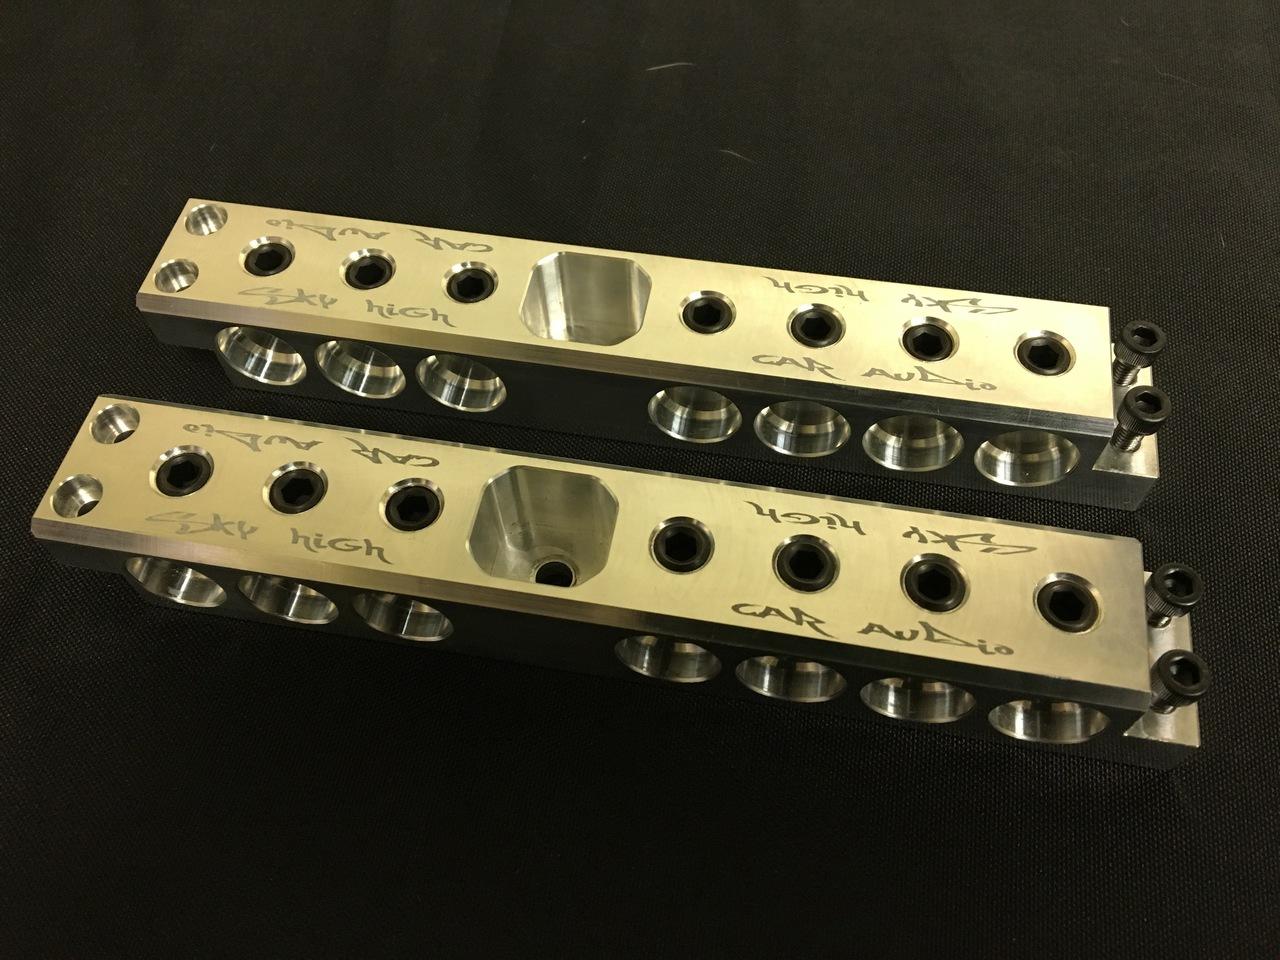 Sky high Car Audio Buss Bars Modular Section (Group 34)